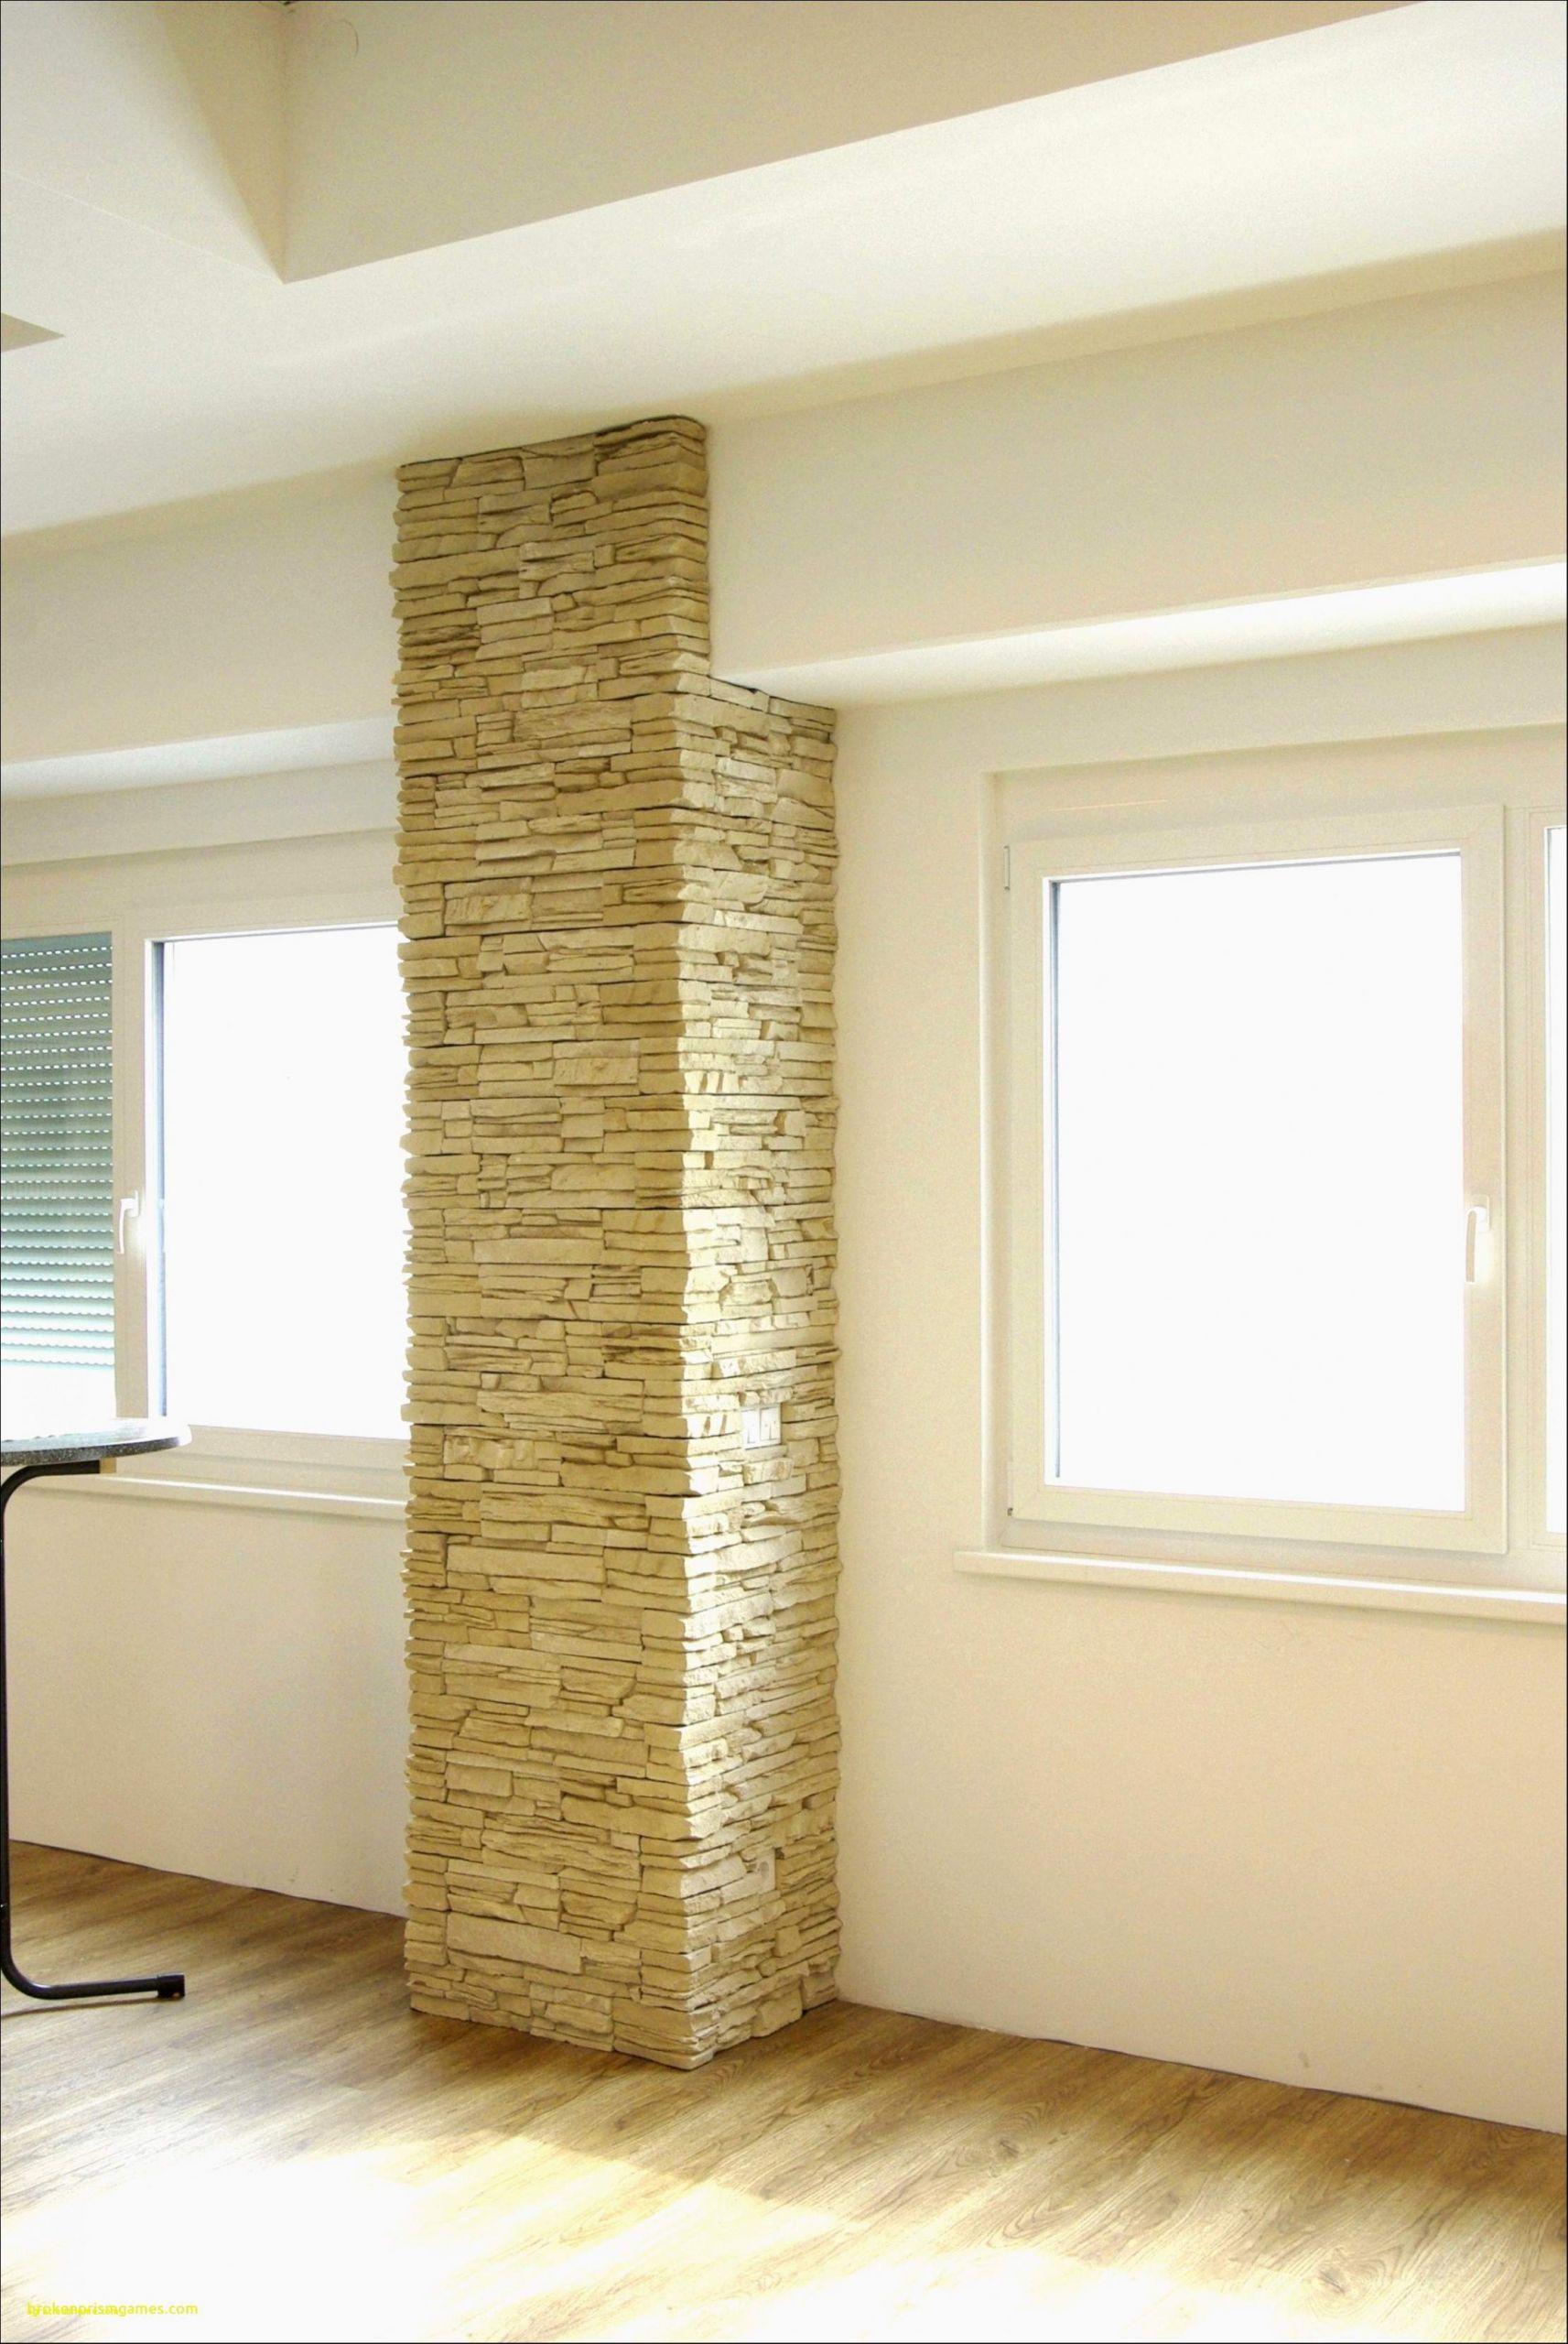 schoner wohnen wohnzimmer frisch wohnzimmer schoner wohnen elegant garderobe selber bauen of schoner wohnen wohnzimmer